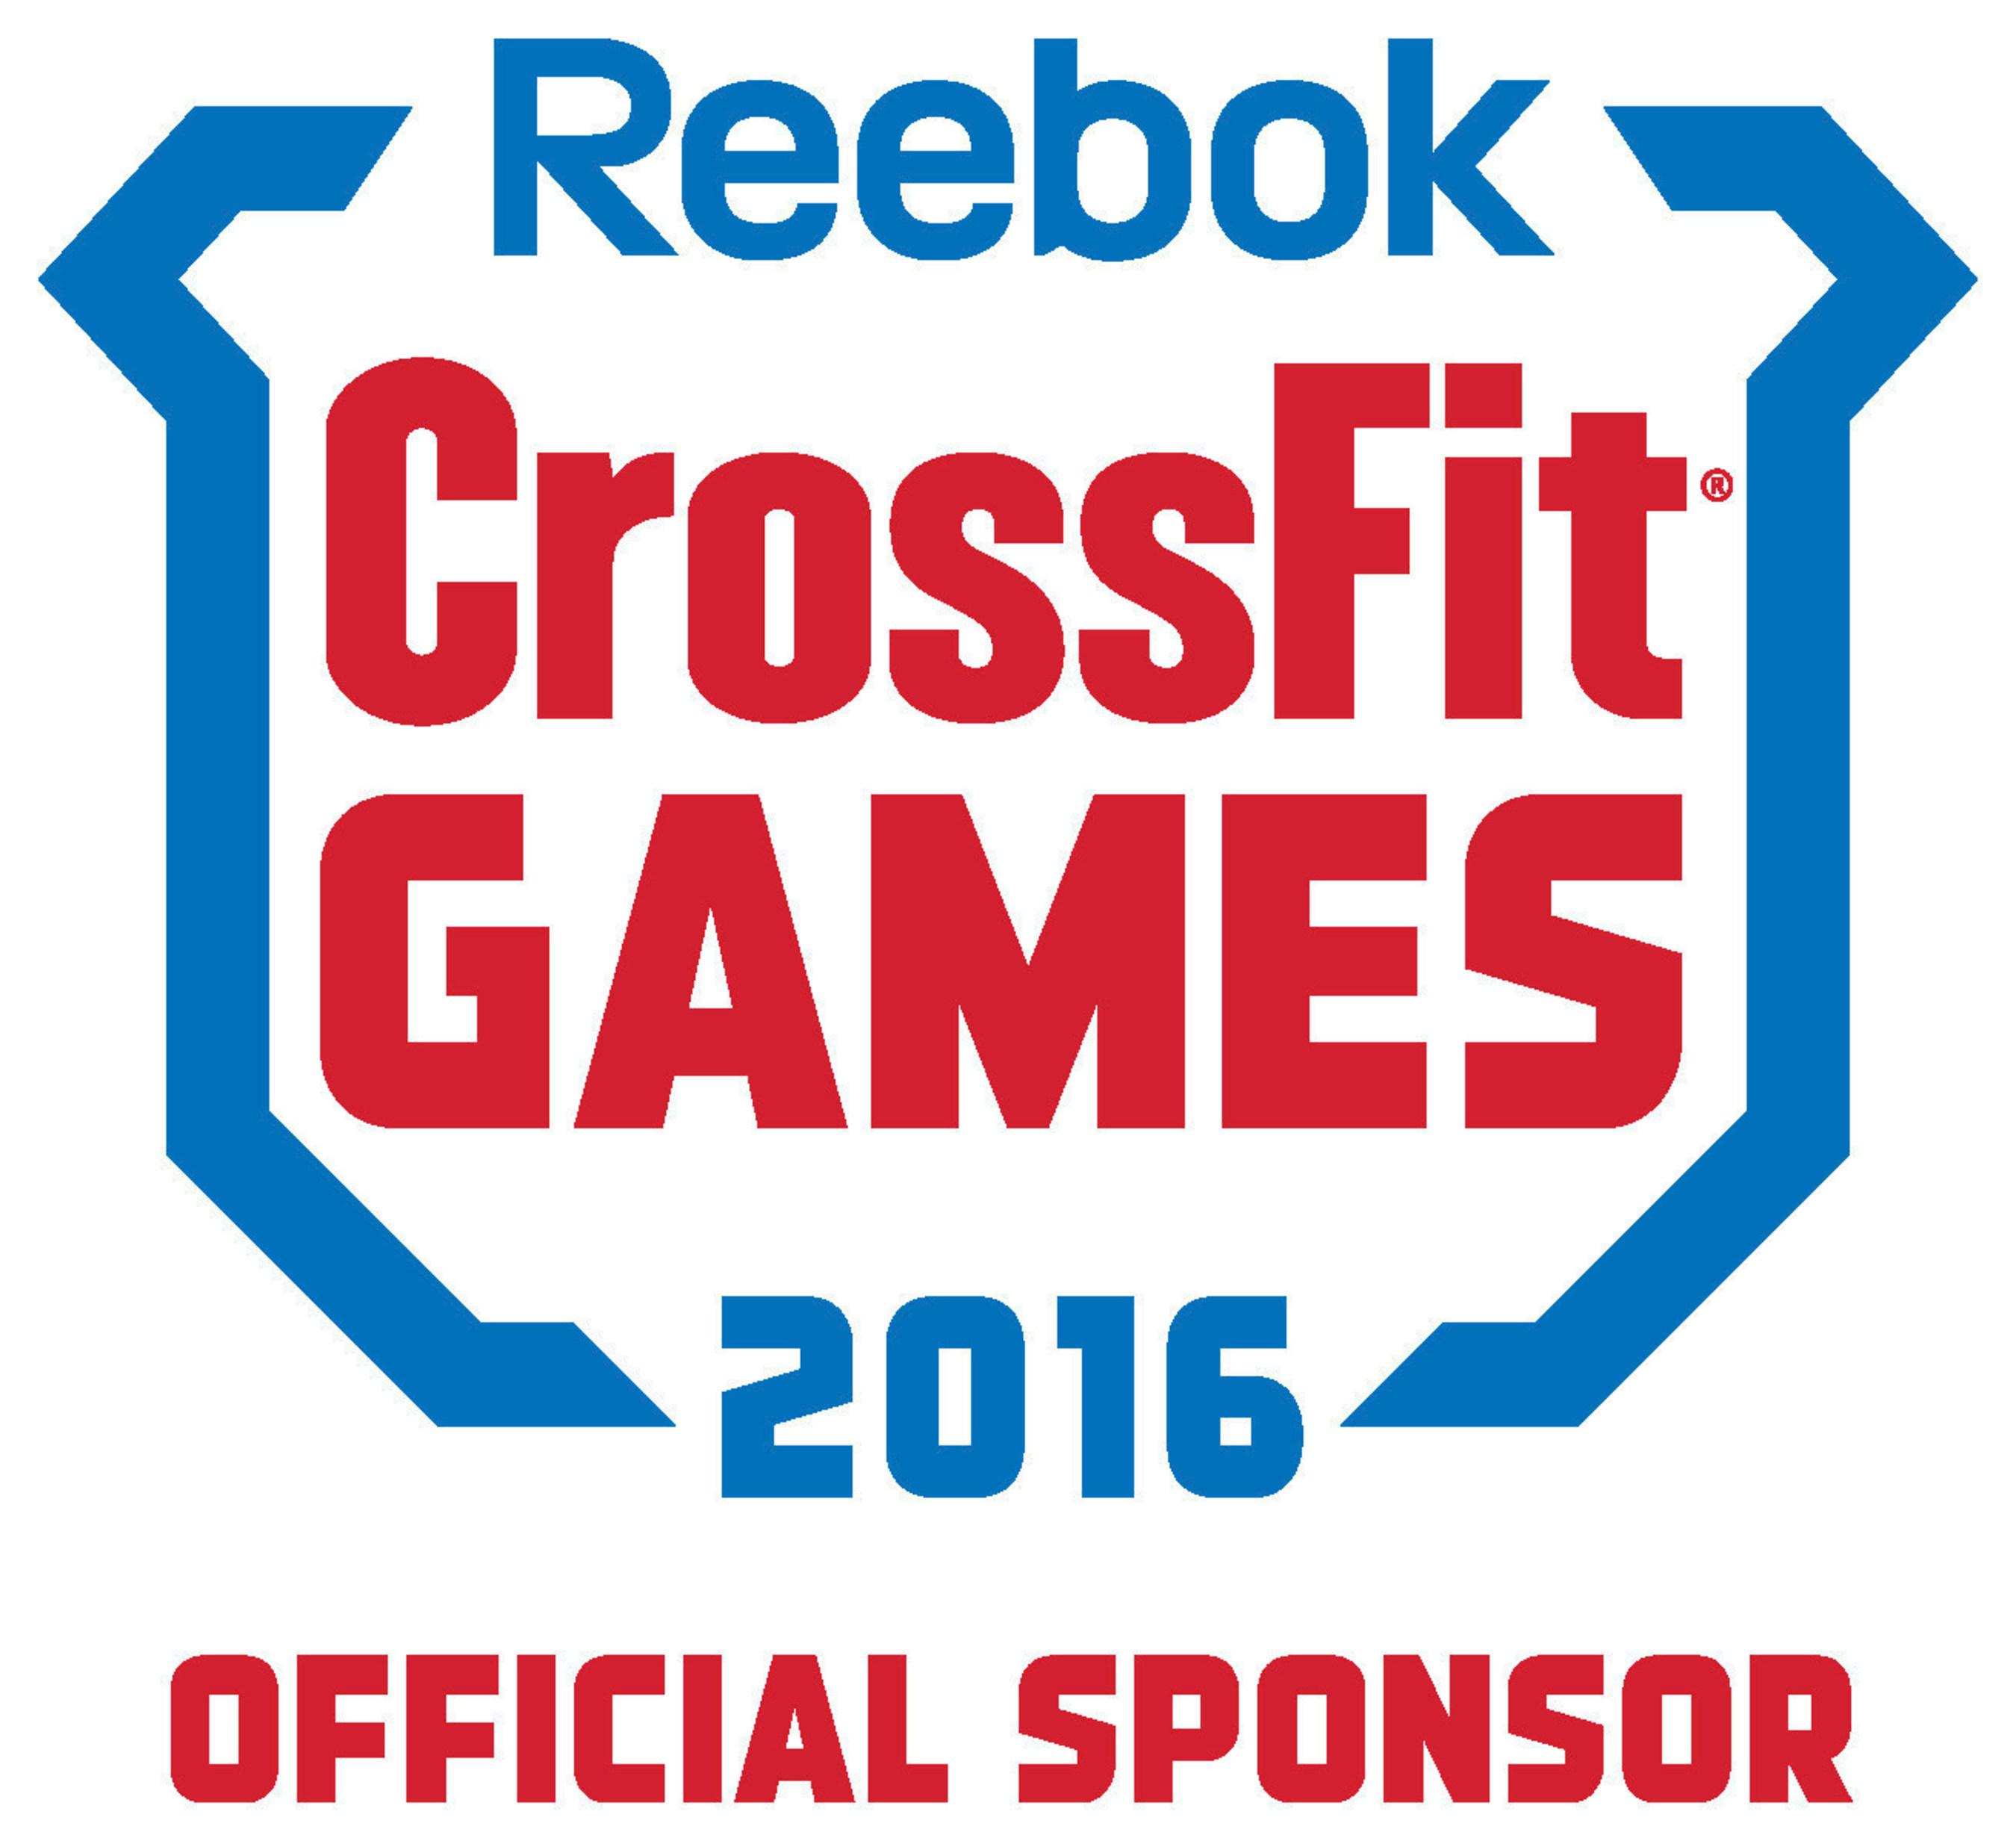 4ffa6c2331 Logo crossfit games